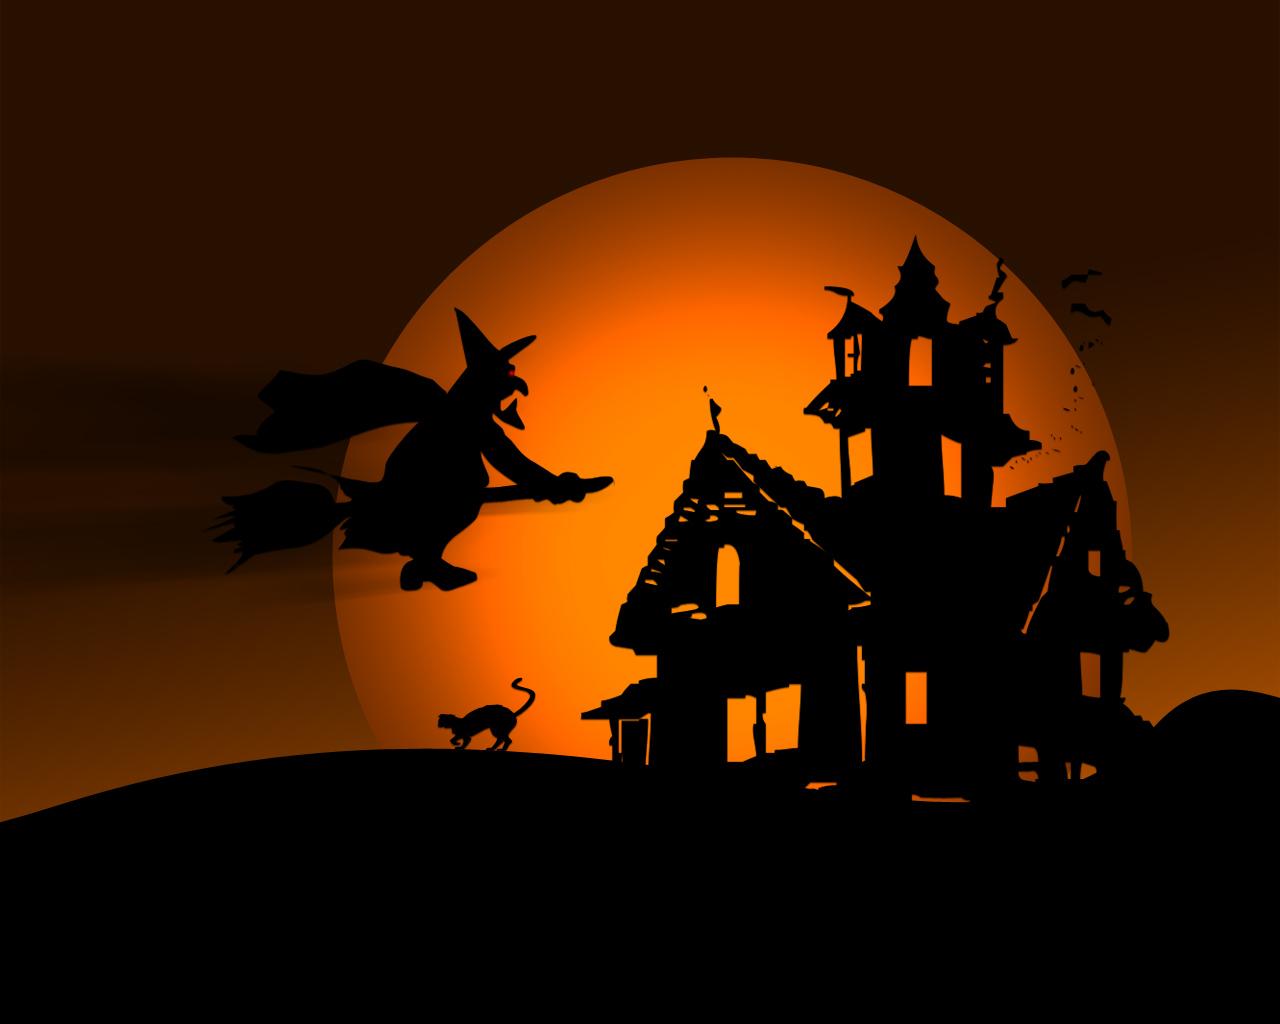 http://1.bp.blogspot.com/-koTkCBrZr4Q/UGsbwamAhQI/AAAAAAAAAa0/MmszVWhmdF4/s1600/halloween-wallpaper-55.jpg